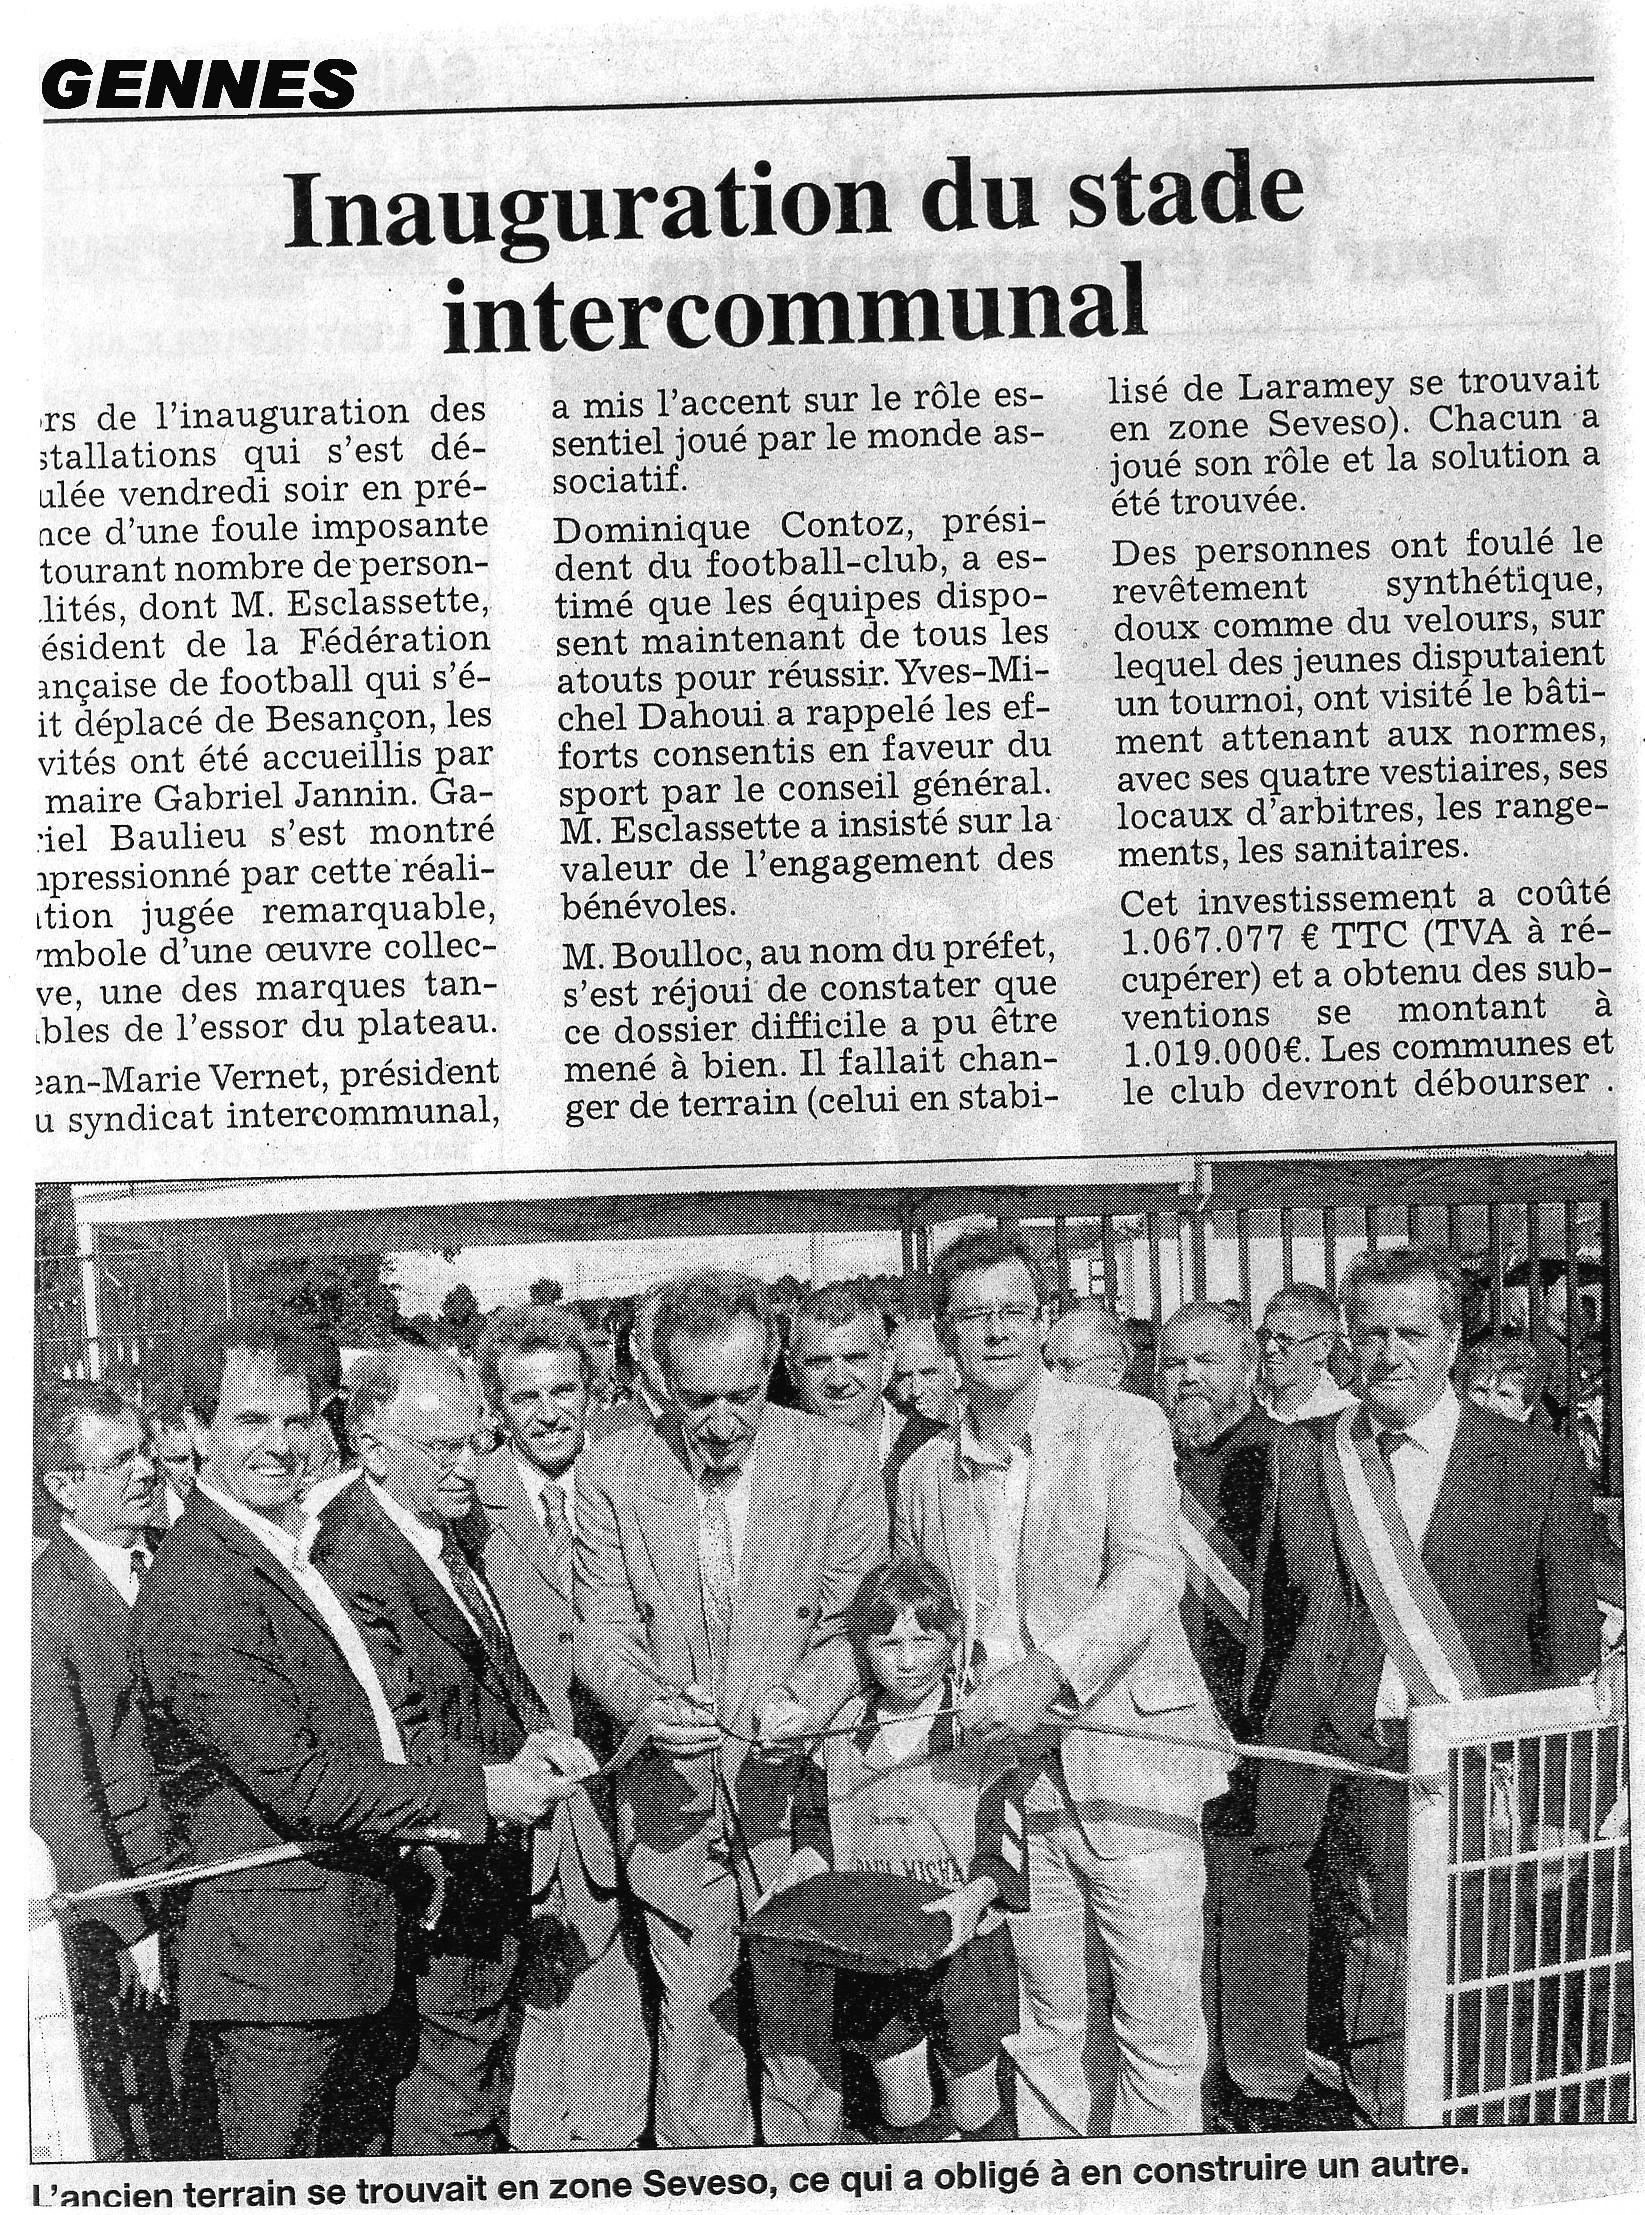 EST du 01/01/2007 - Inauguration du Stade de Gennes